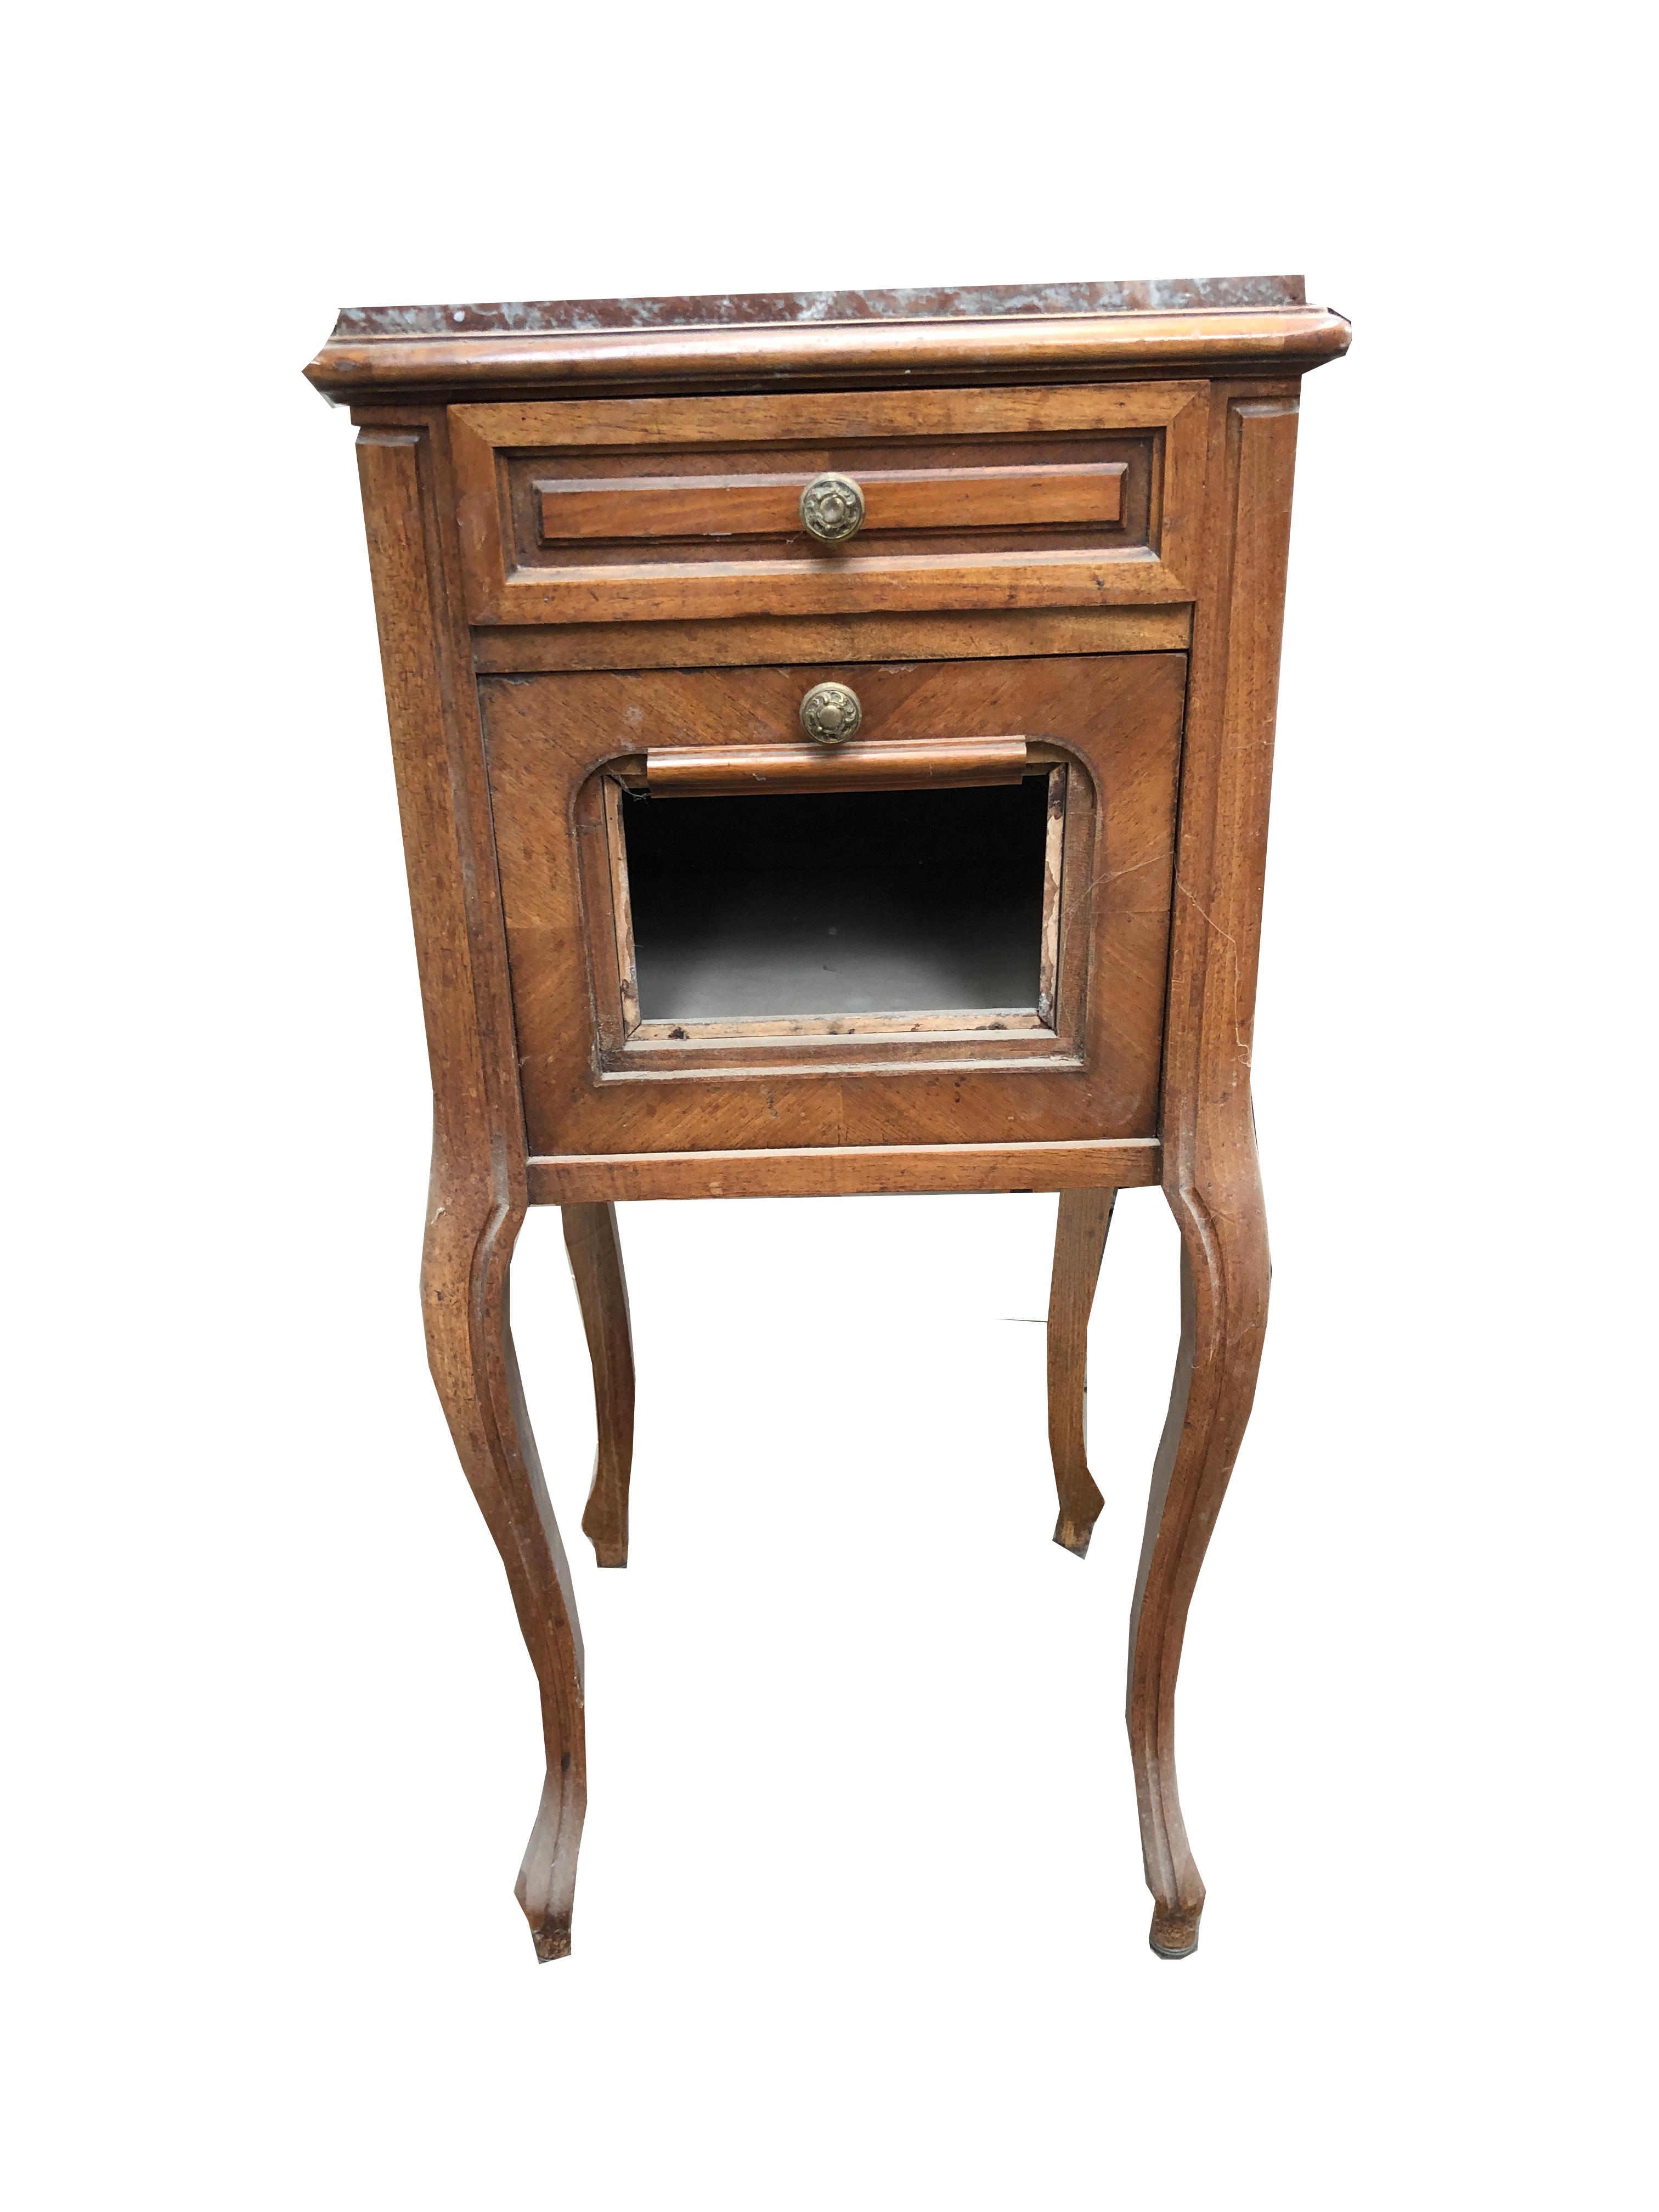 chevet de et bois marbre Table LqGUjSzVpM